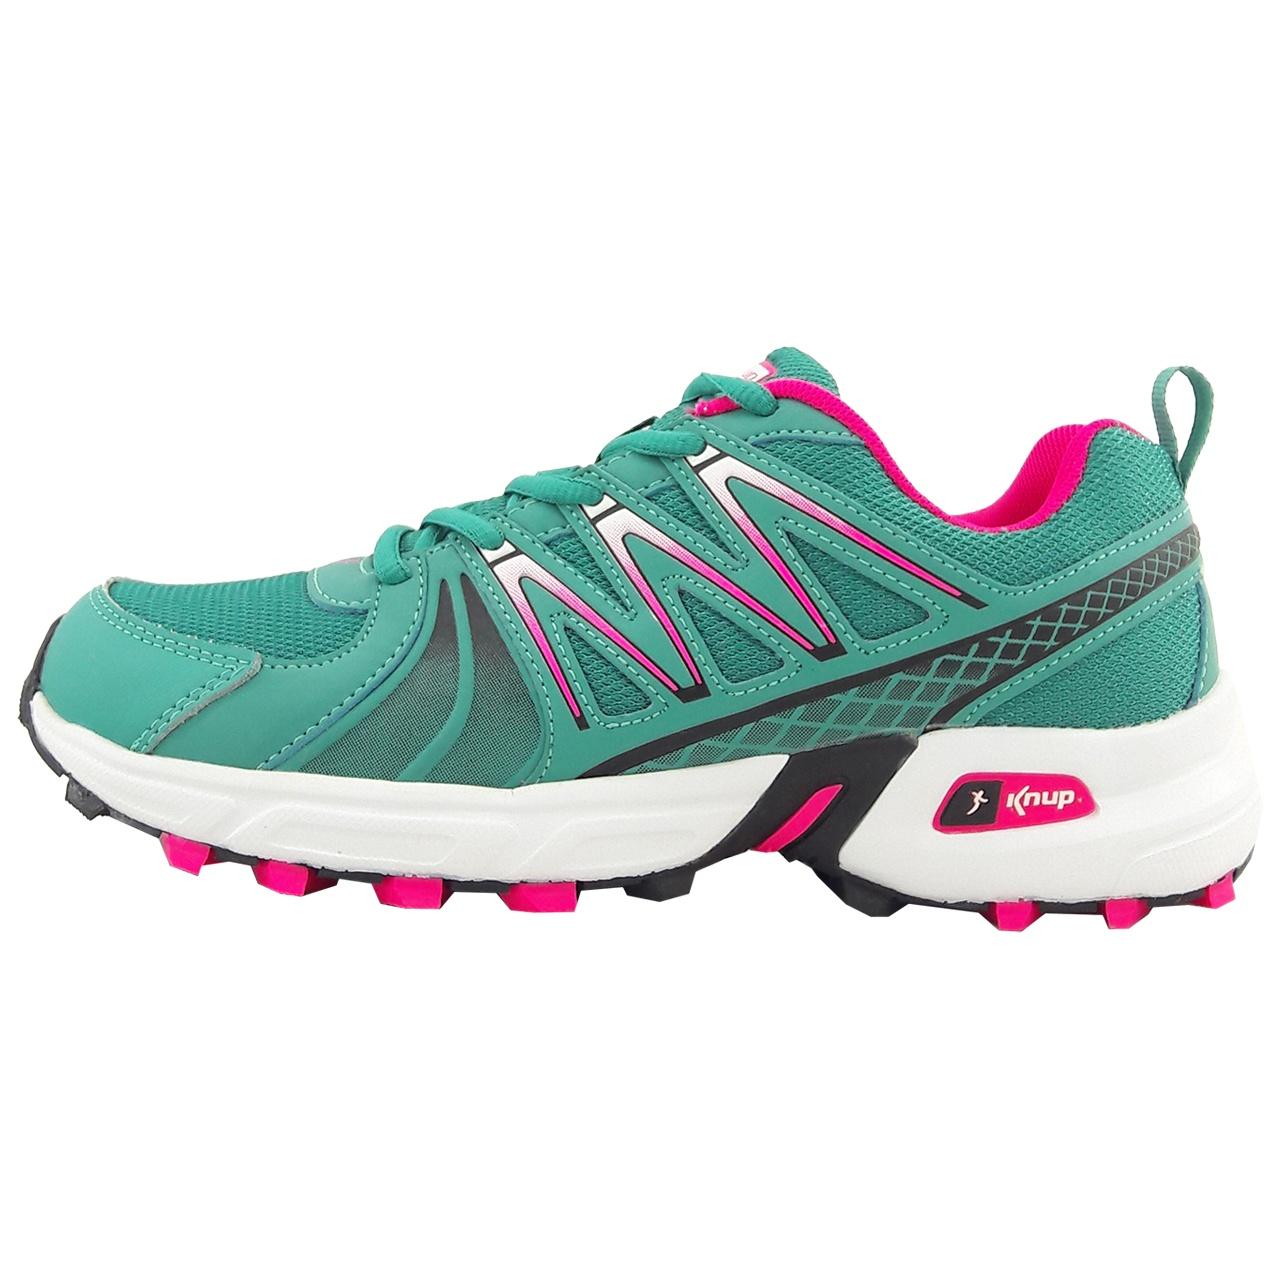 کفش مخصوص پیاده روی زنانه کناپ مدل Grn.pnk01